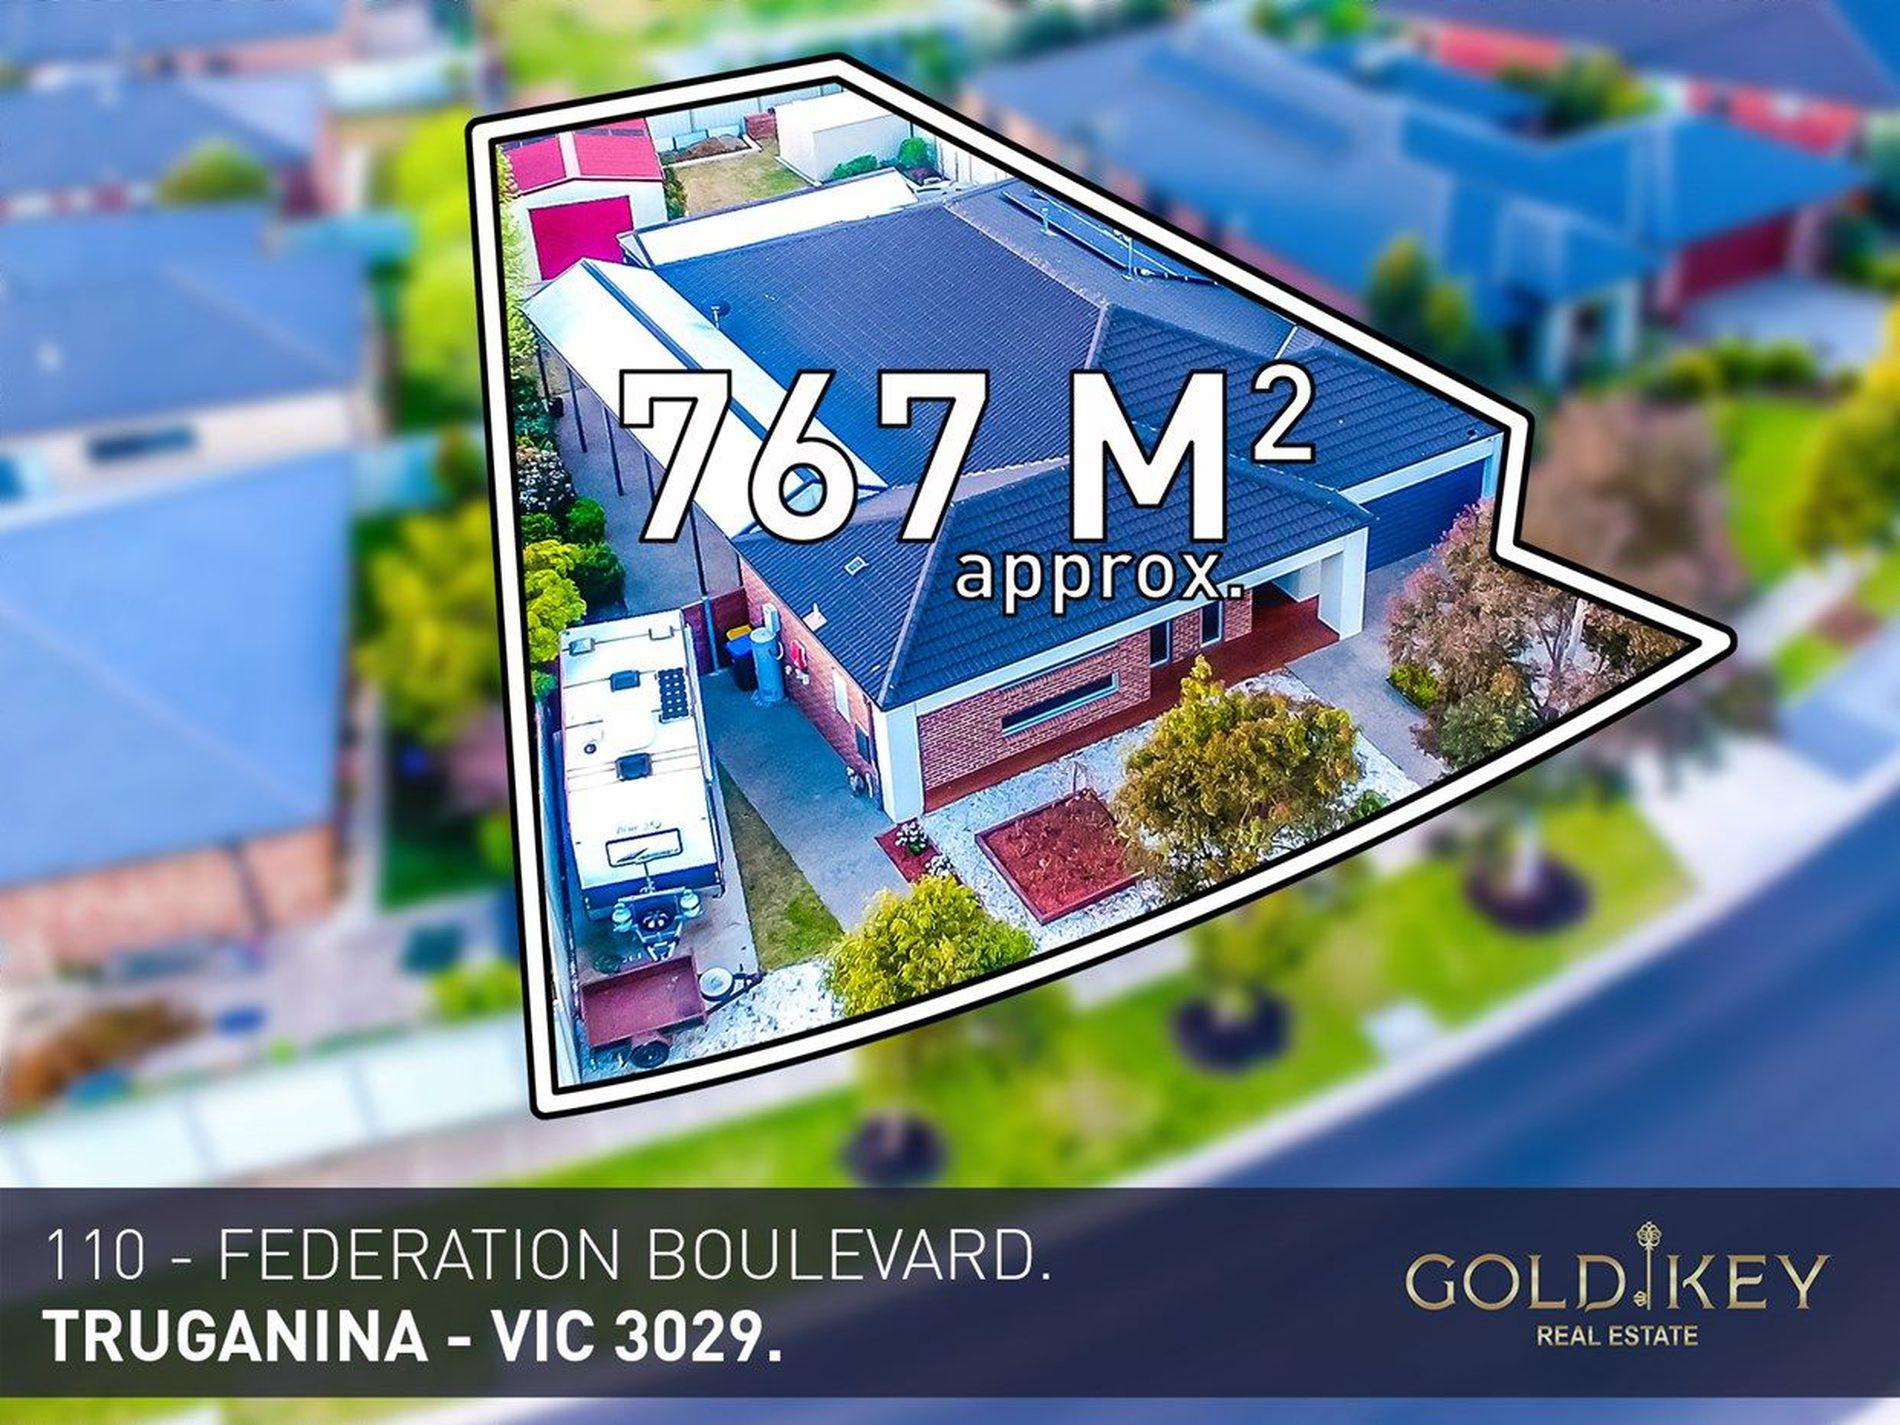 110 Federation Boulevard, Truganina